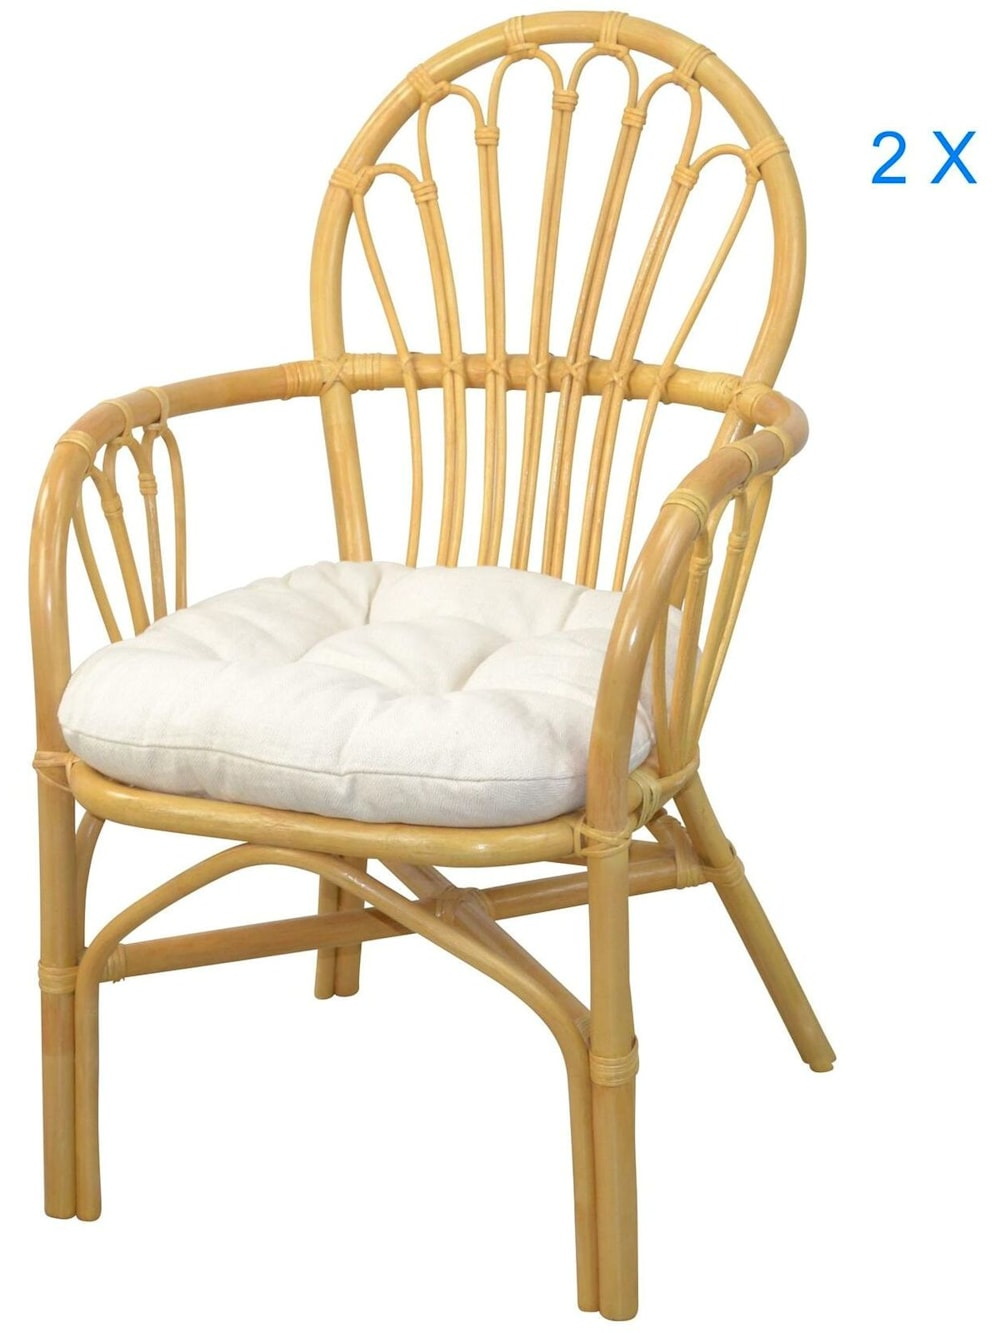 Möbel Direkt Online Rattansessel (2Stück) mit Kissen Conny | Klingel